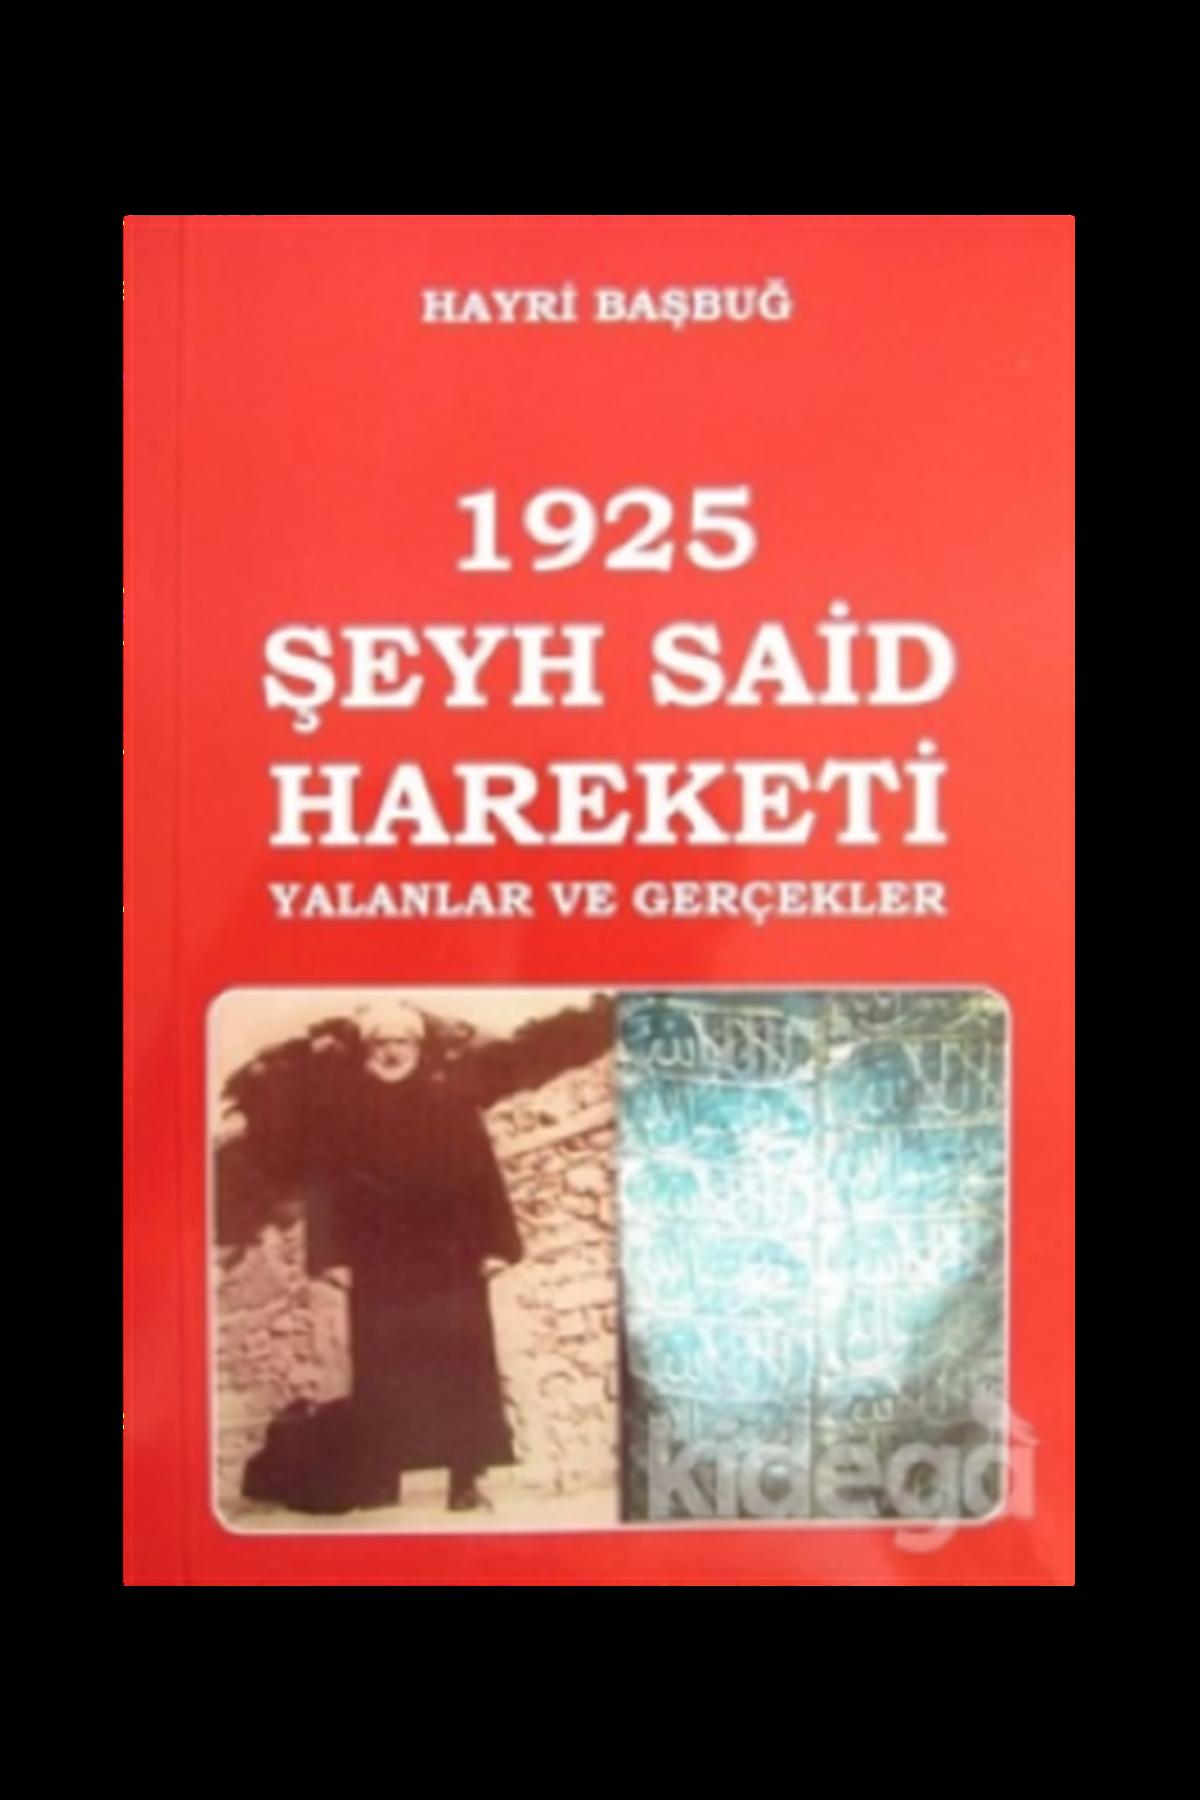 HAYRİ BAŞBUĞ - 1925 ŞEYH SAİD HAREKETİ YALANLAR VE GERÇEKLER